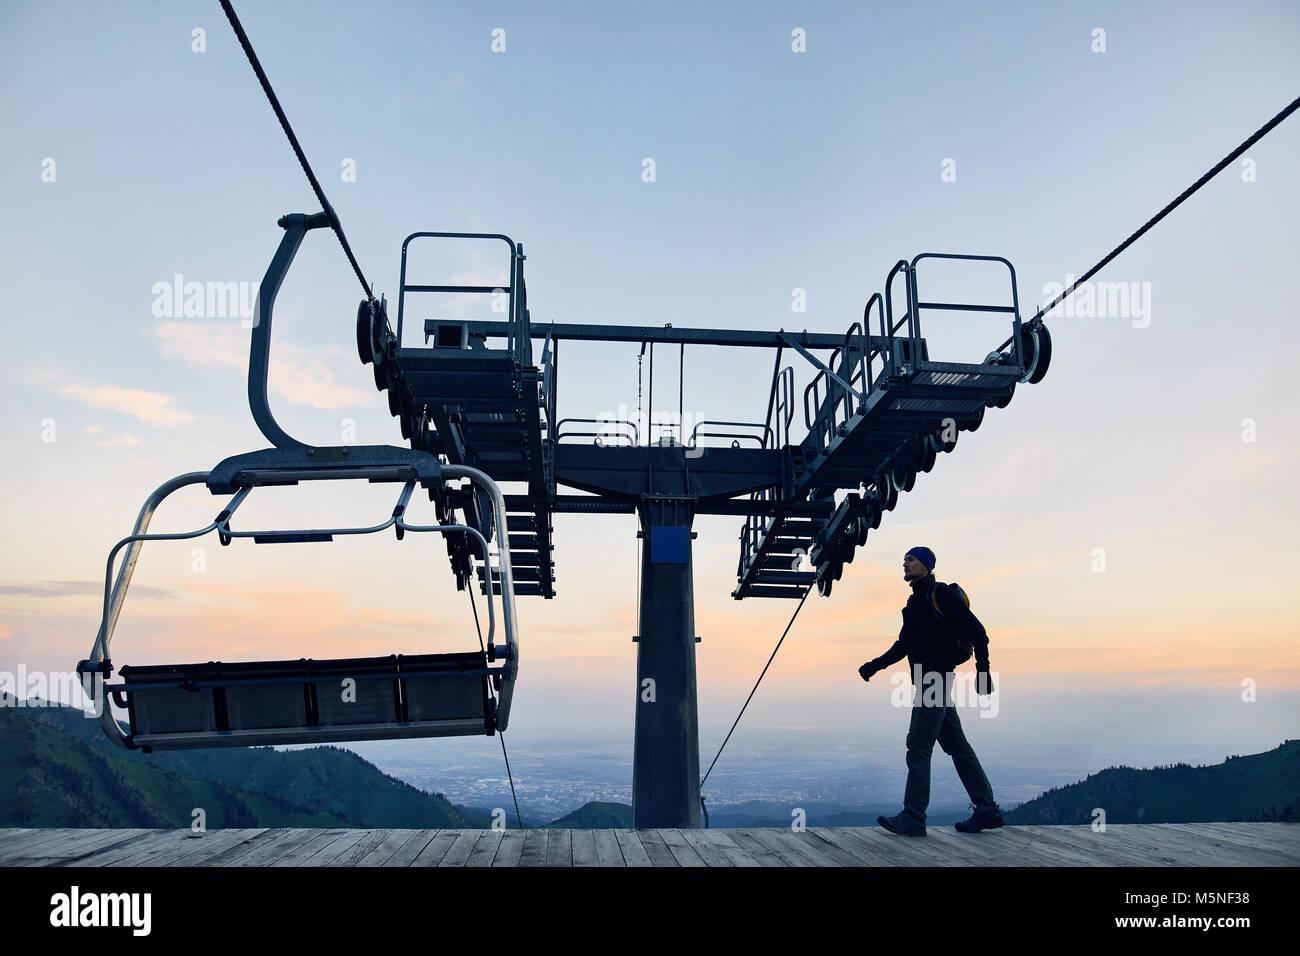 Uomo turistico a piedi la seggiovia in silhouette alta in mountain ski resort di sunrise Immagini Stock